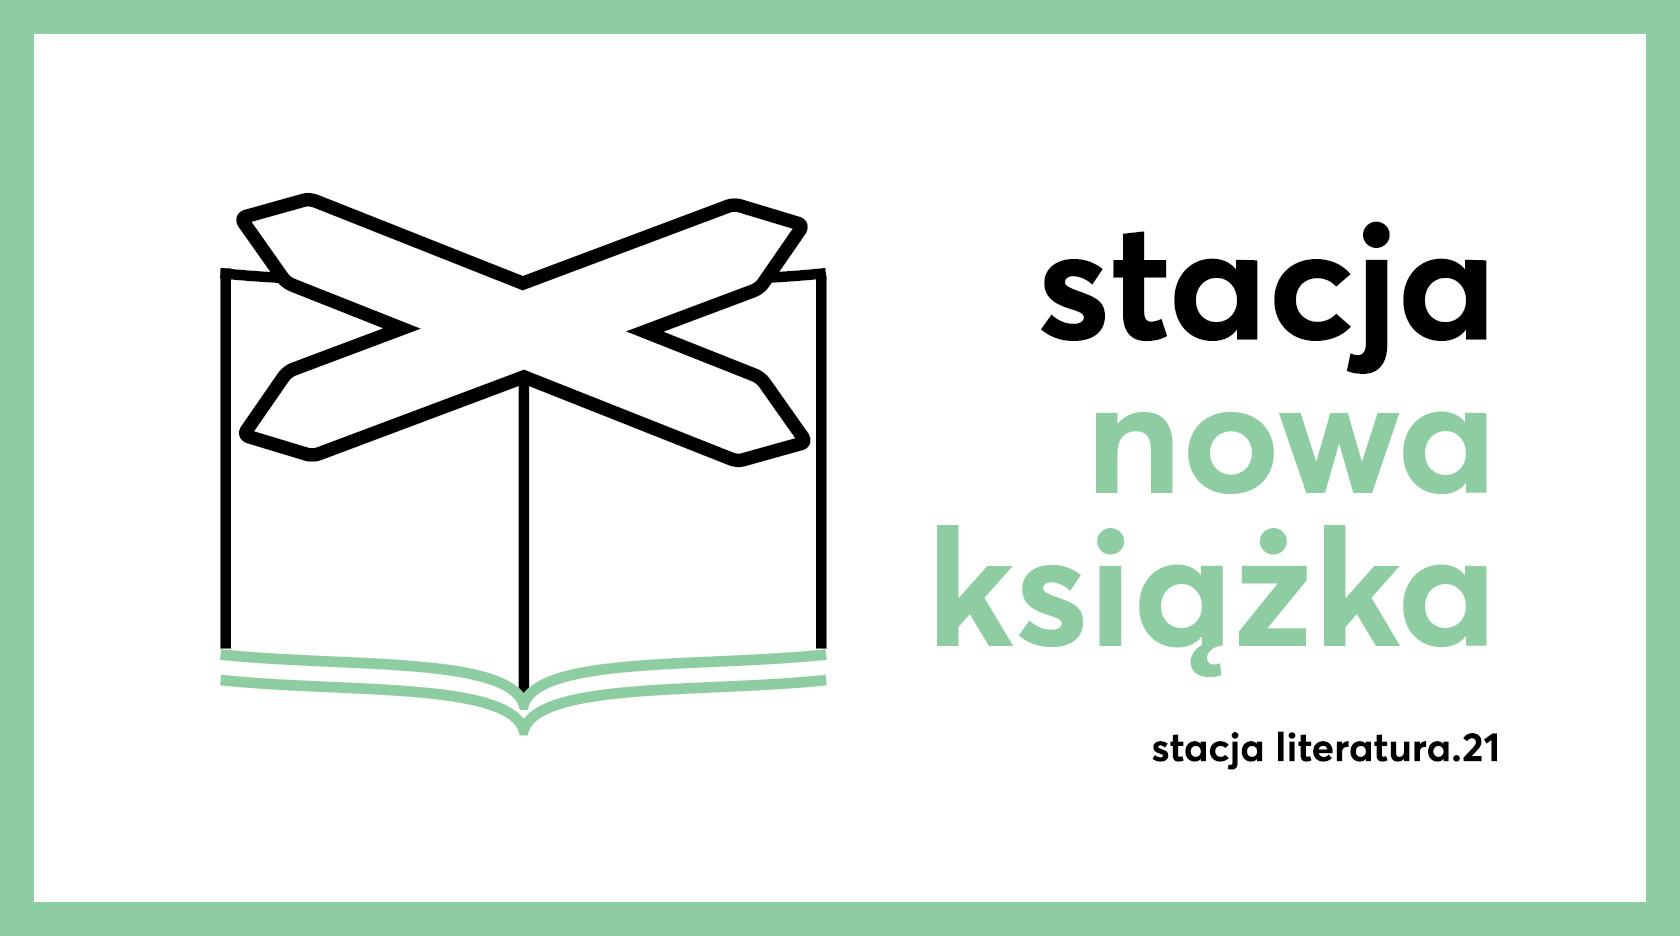 BL Img 2016.08.31 Stacja nowa książka_www_top